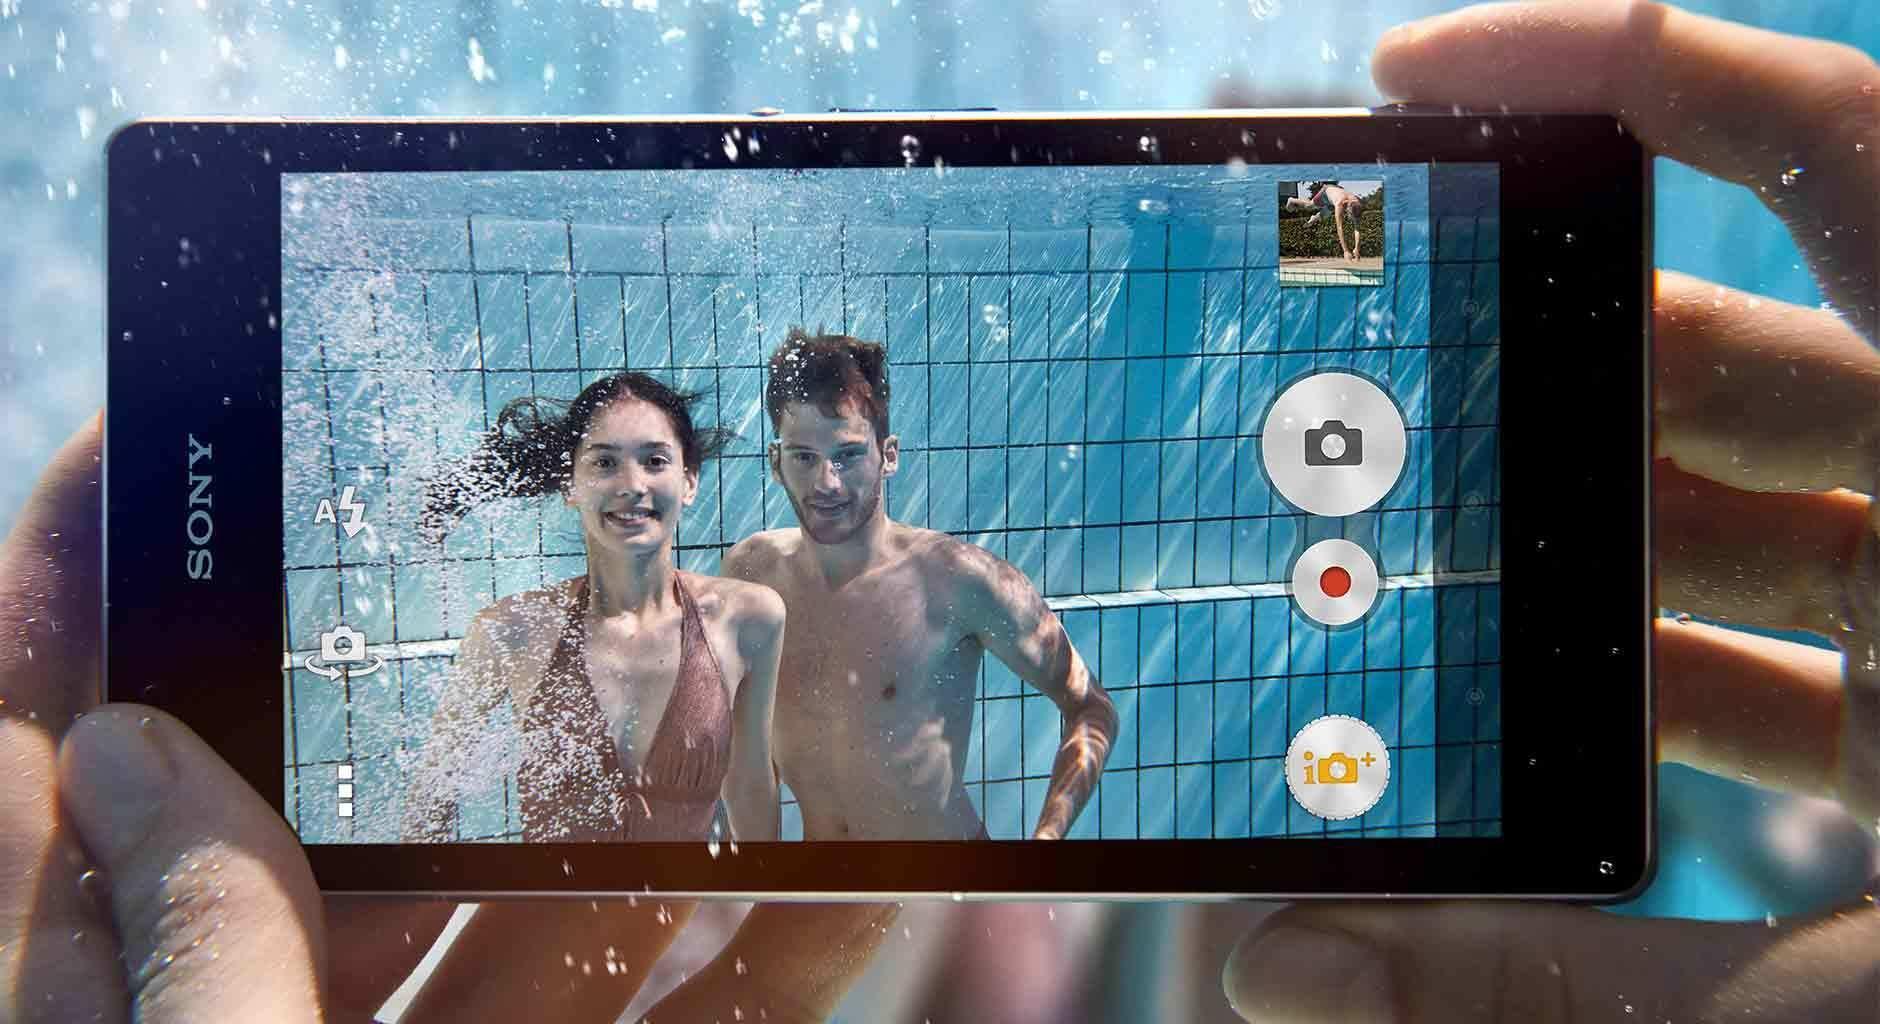 Sony выплатит компенсацию за попадание воды в смартфон